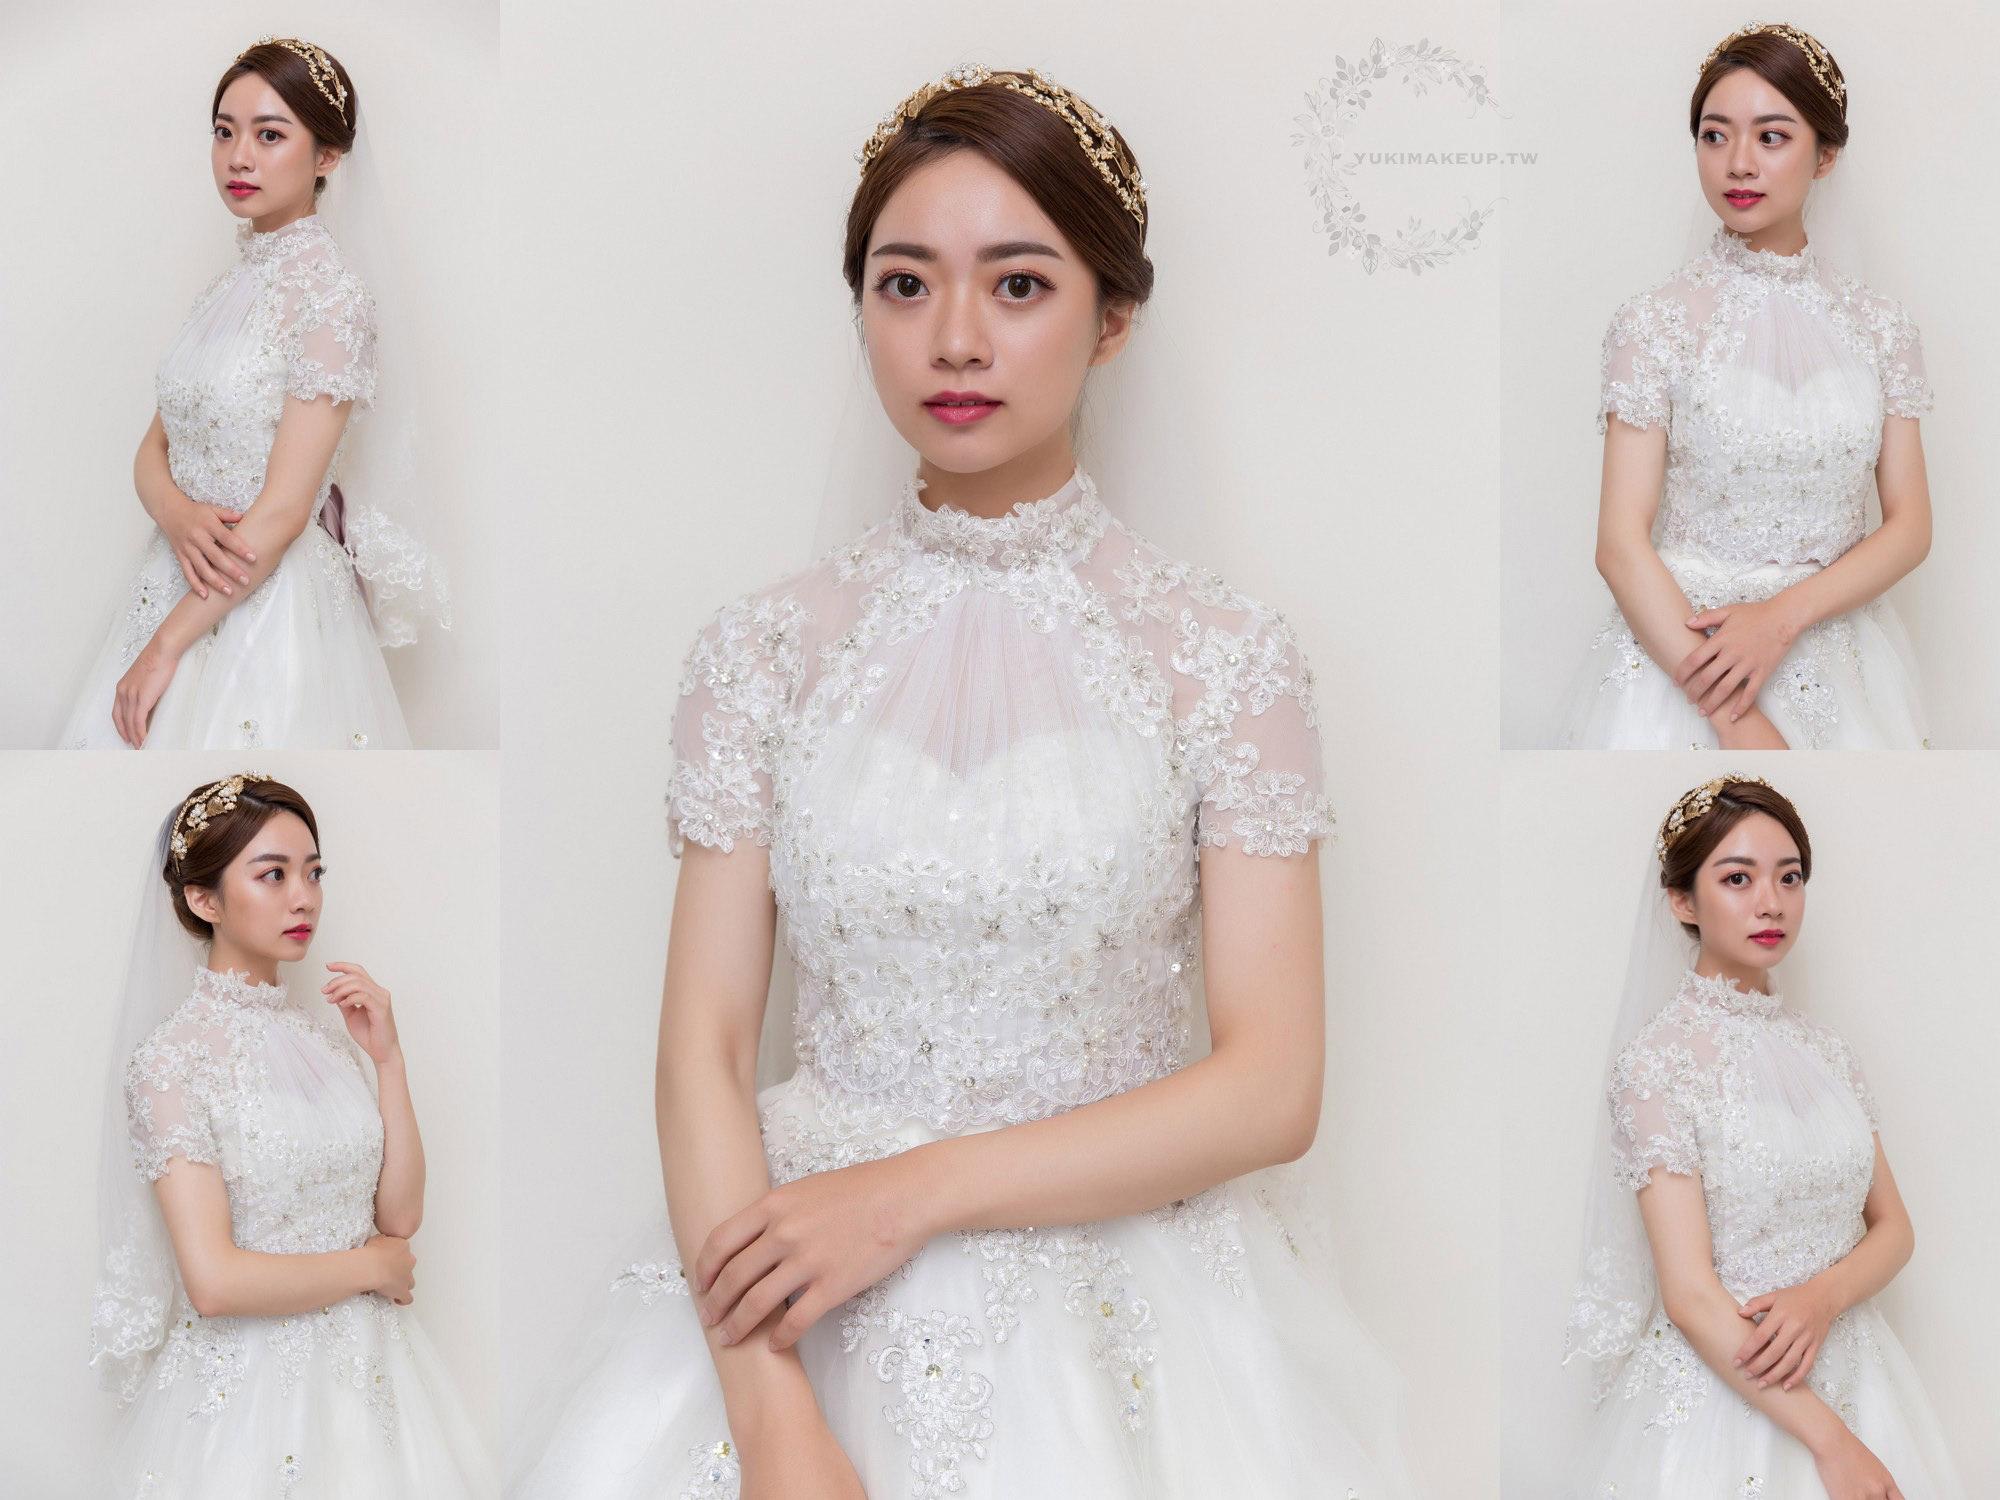 新娘秘書,新秘,新娘造型,白紗造型,新娘髮型,新娘妝容,高雄新秘,wedding hairstyle, 華麗風造型